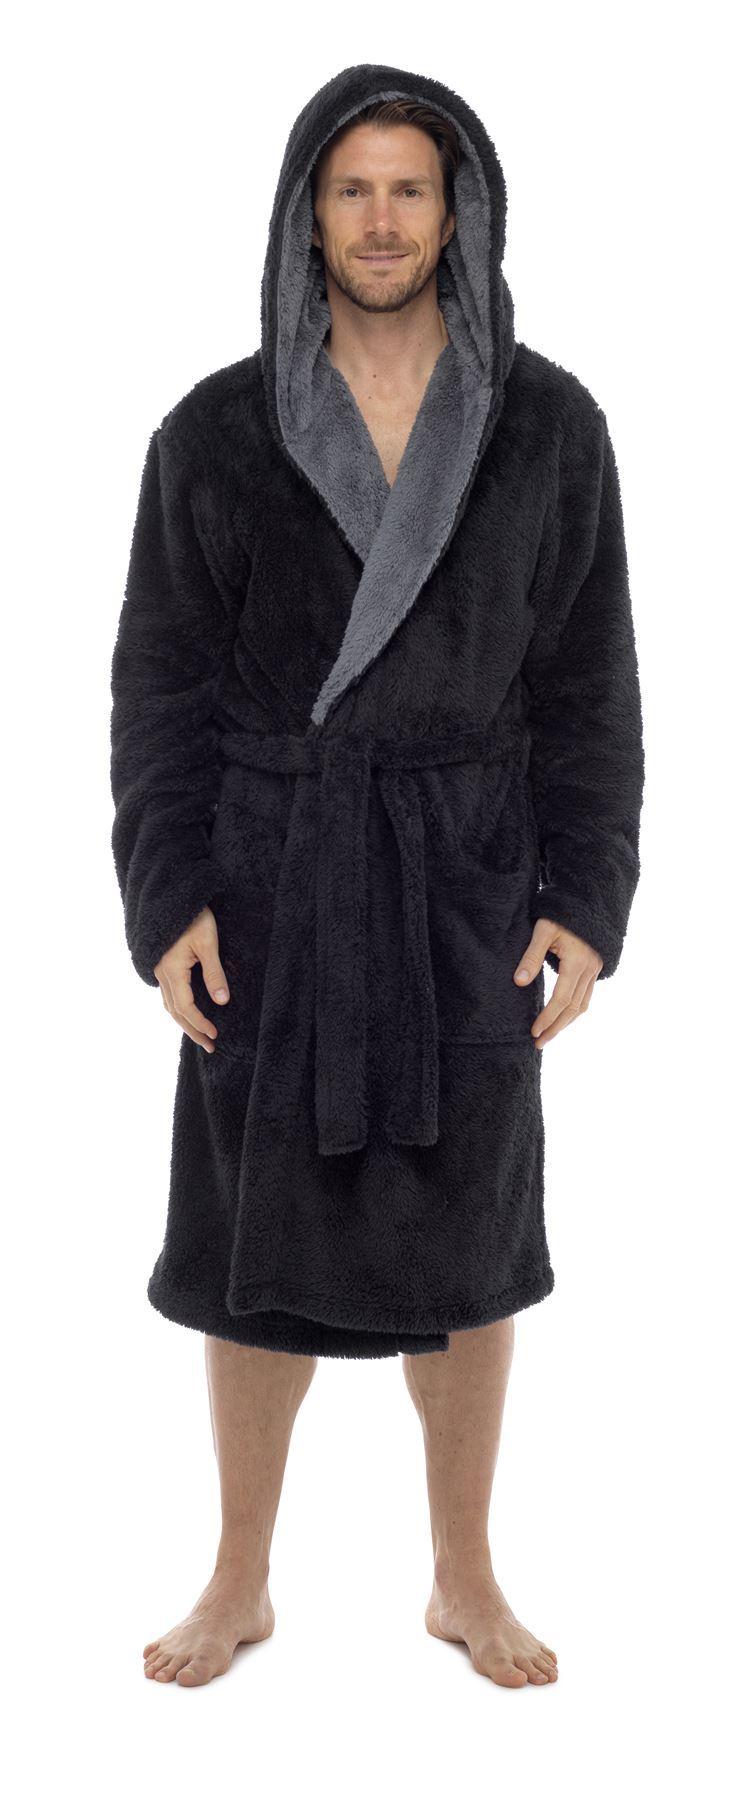 herren kuscheliges vlies robe luxus super weich mit kapuze bademantel m l xl ebay. Black Bedroom Furniture Sets. Home Design Ideas